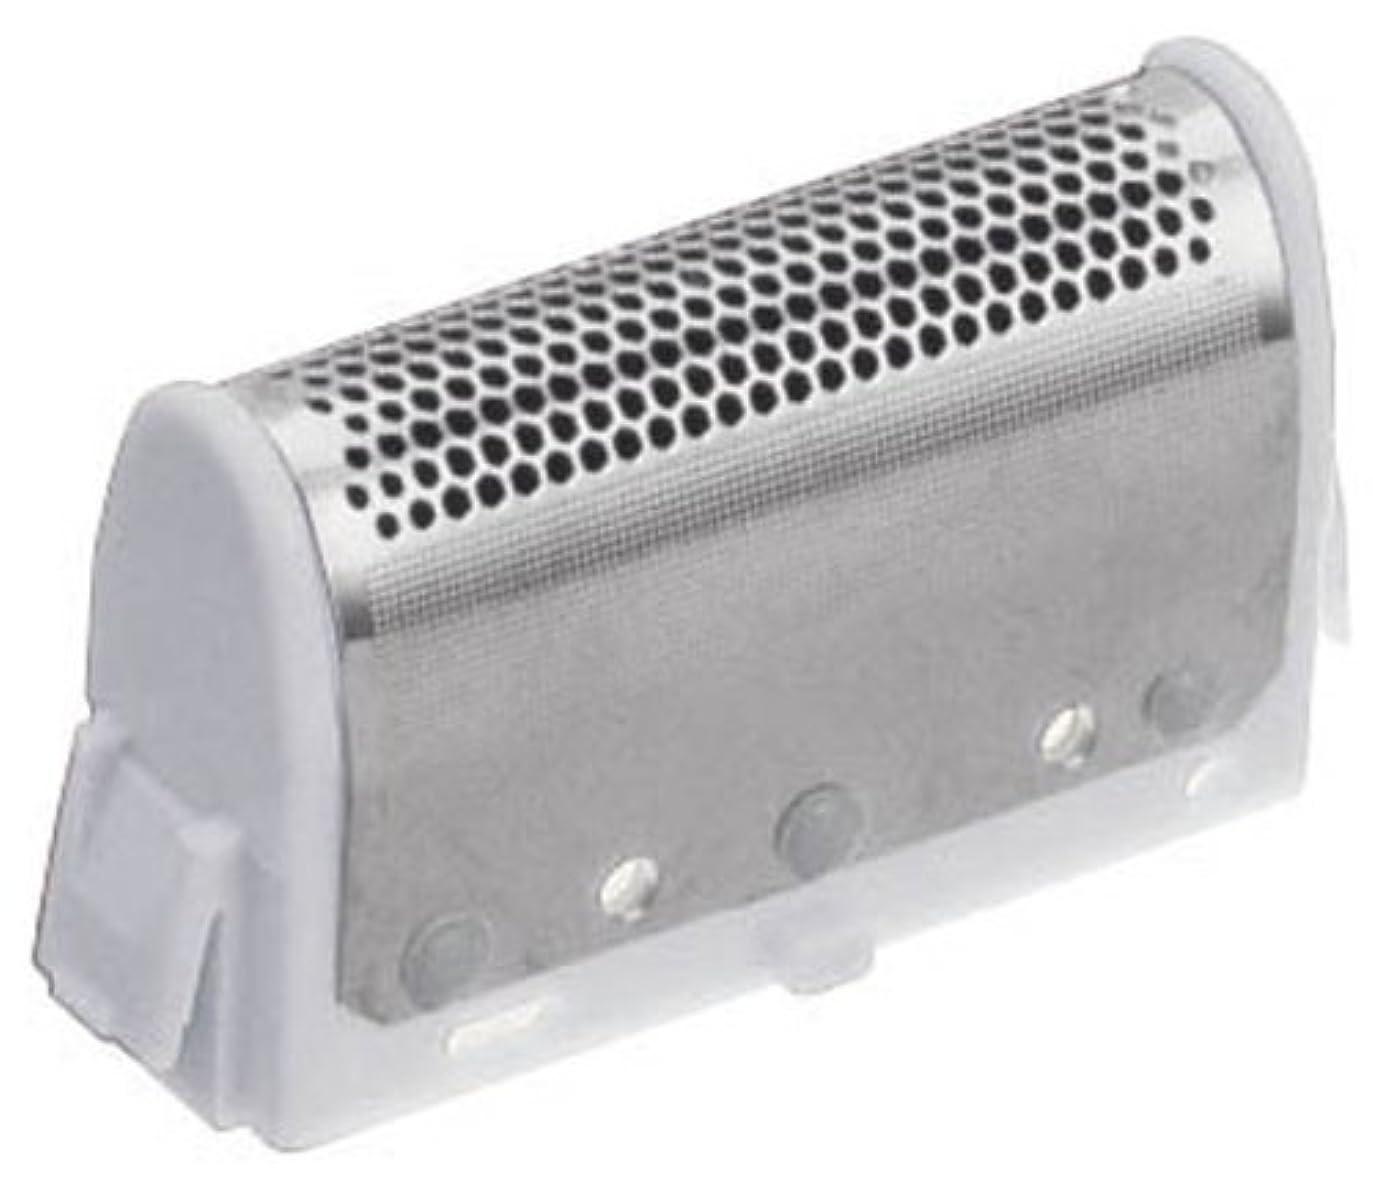 先入観露出度の高いなめらかパナソニック 替刃 レディシェーバー用 ES9791